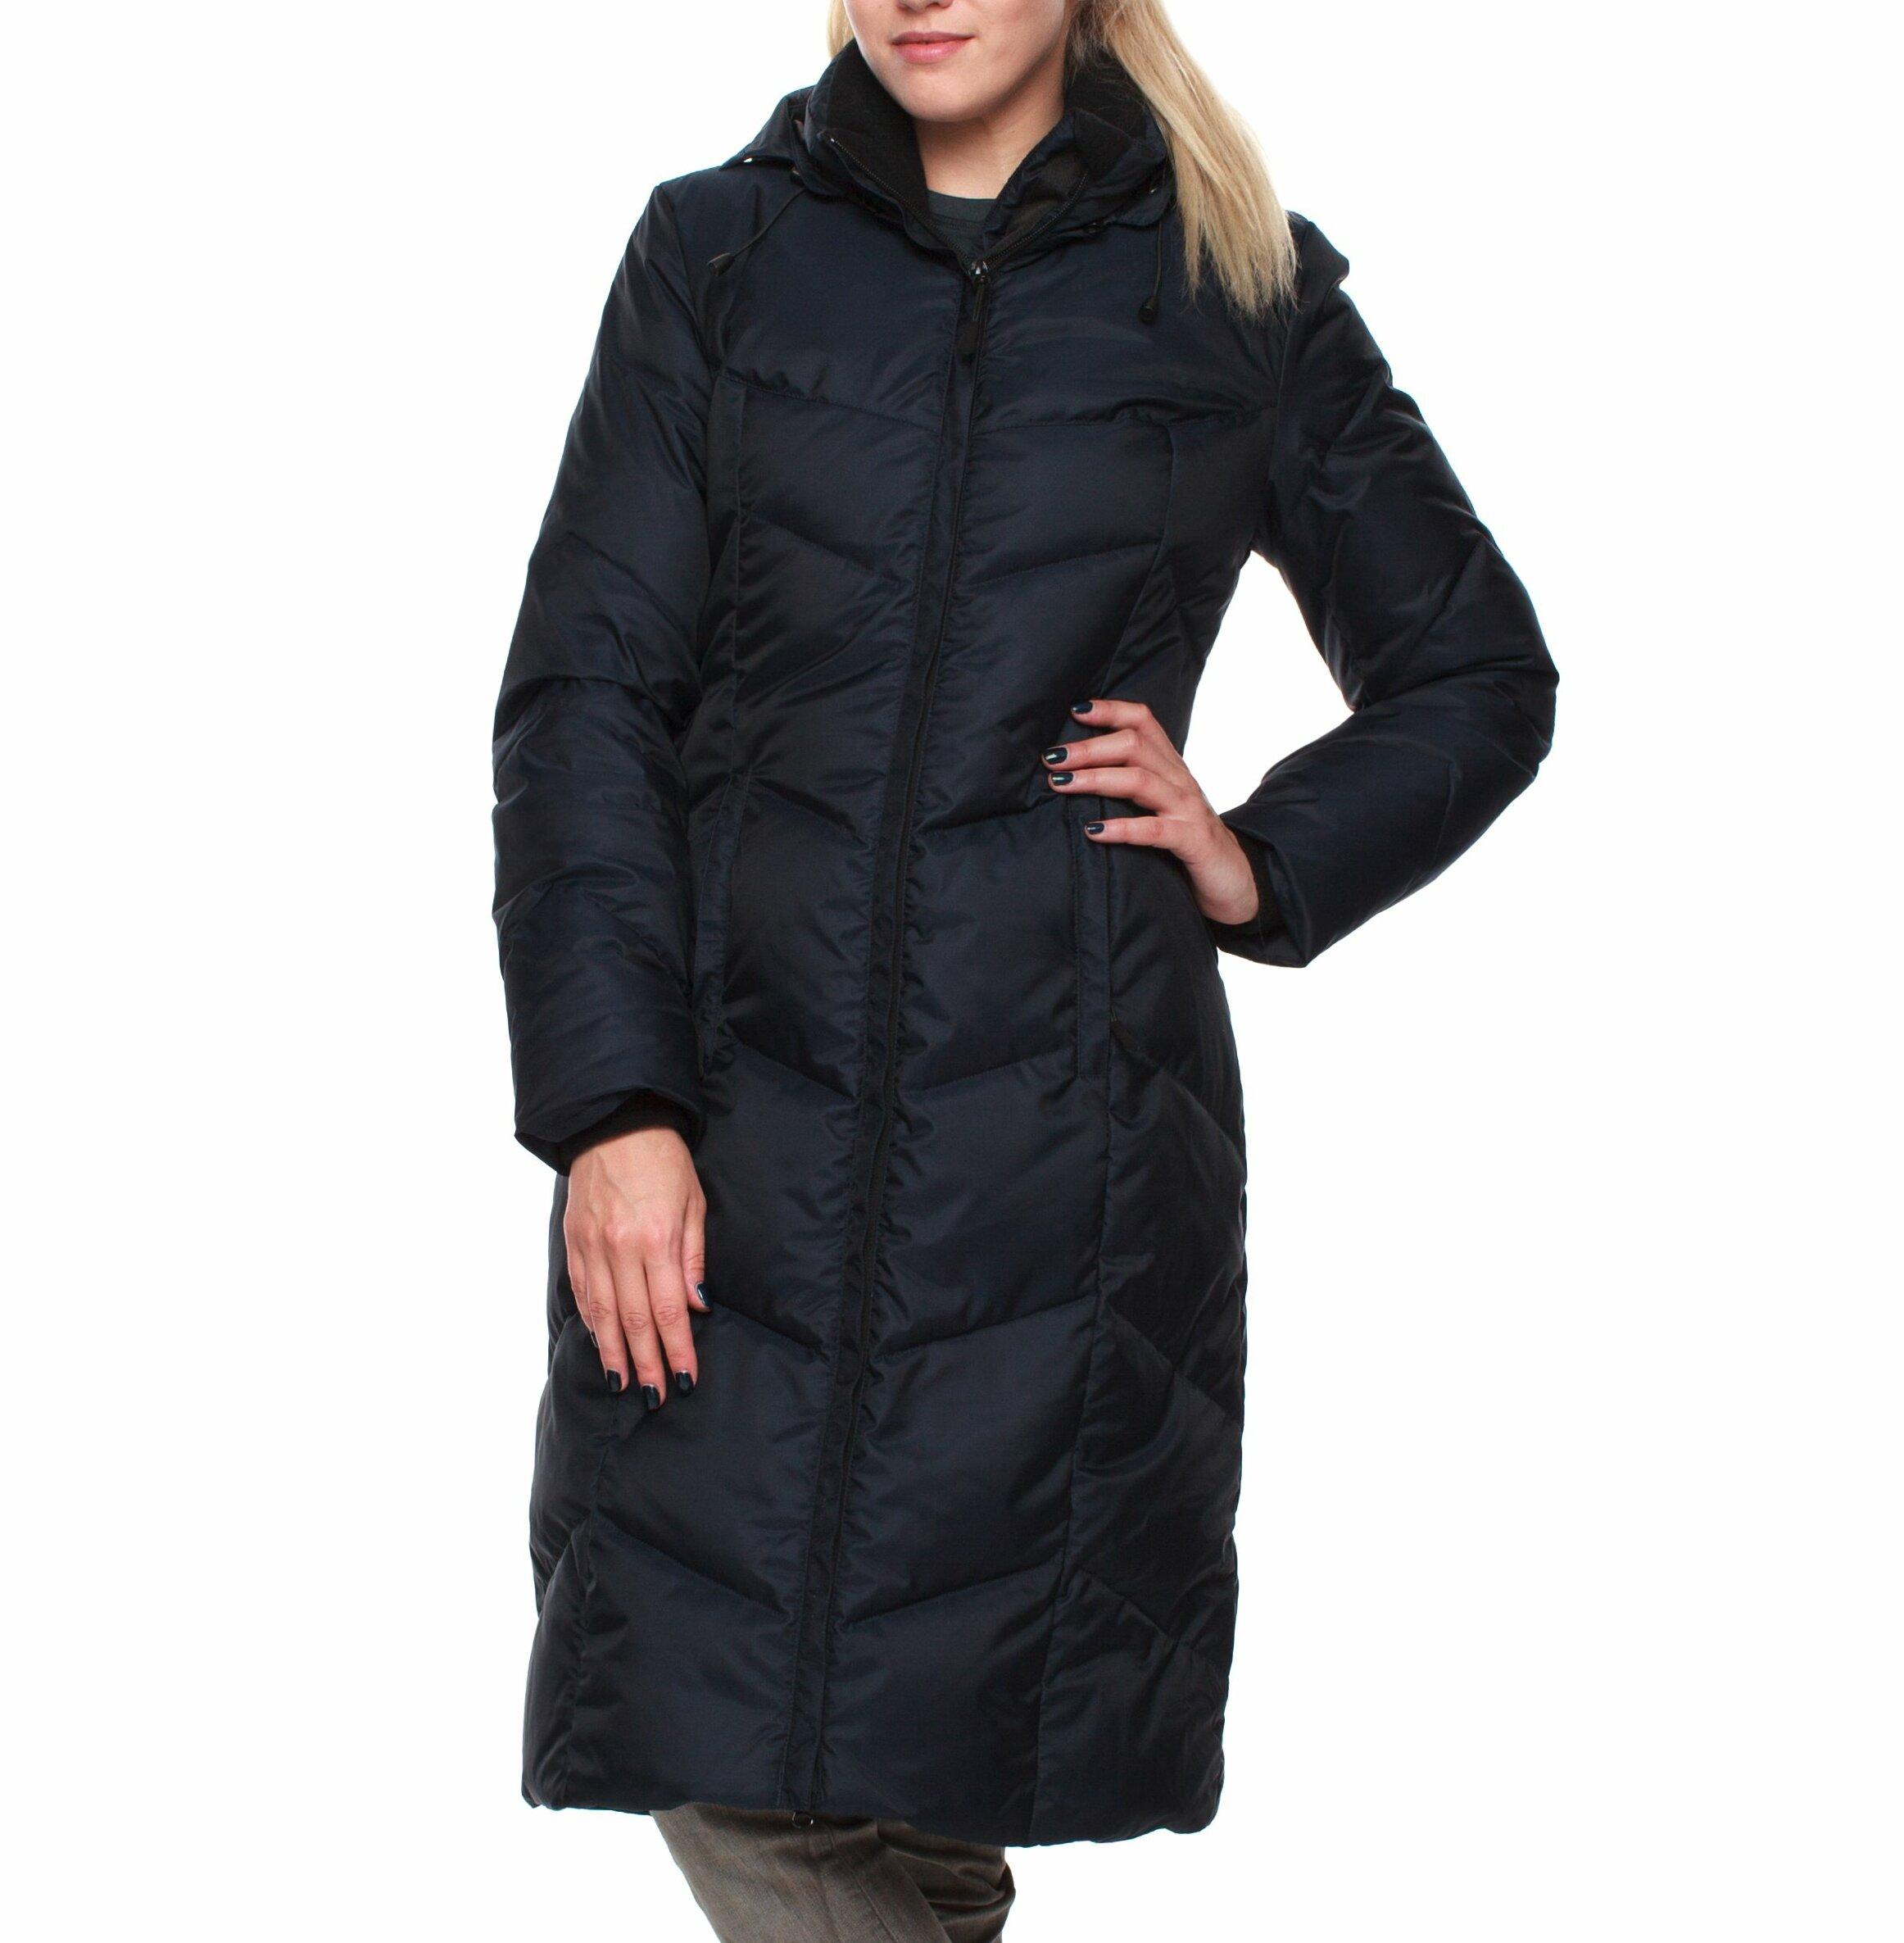 Пуховое пальто BASK ROUTE V3 фото